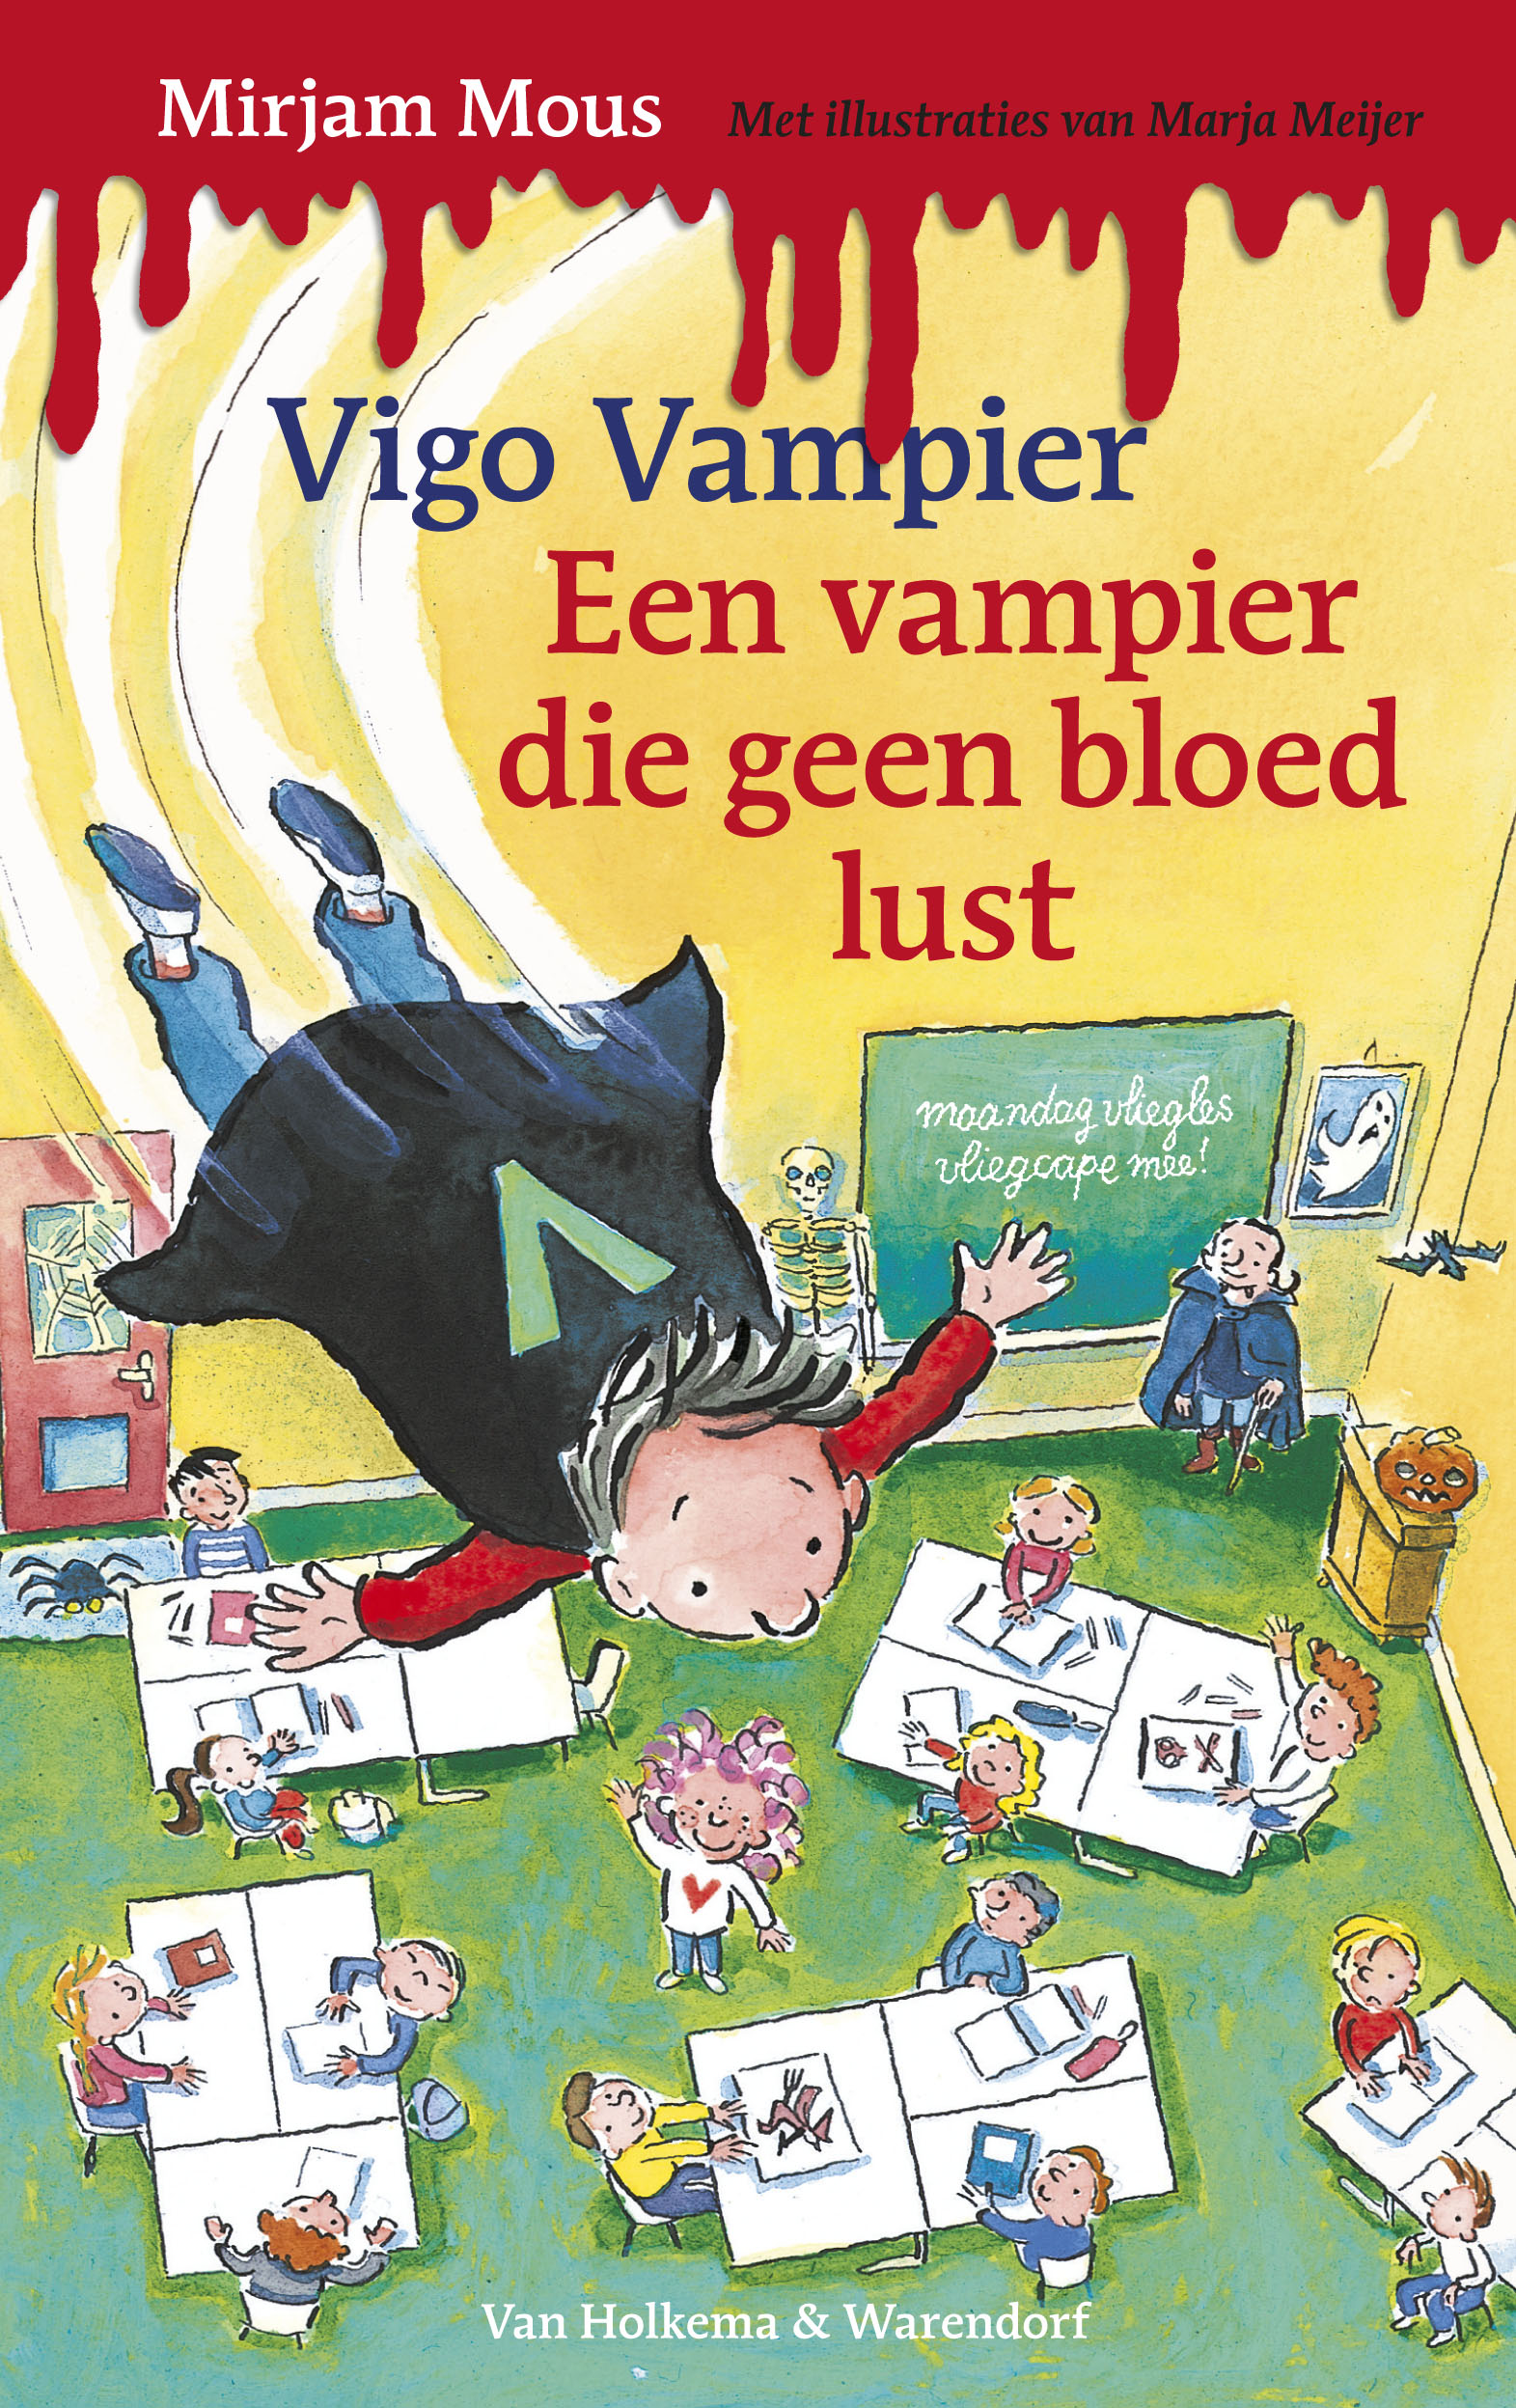 Vigo Vampier, een vampier die geen bloed lust